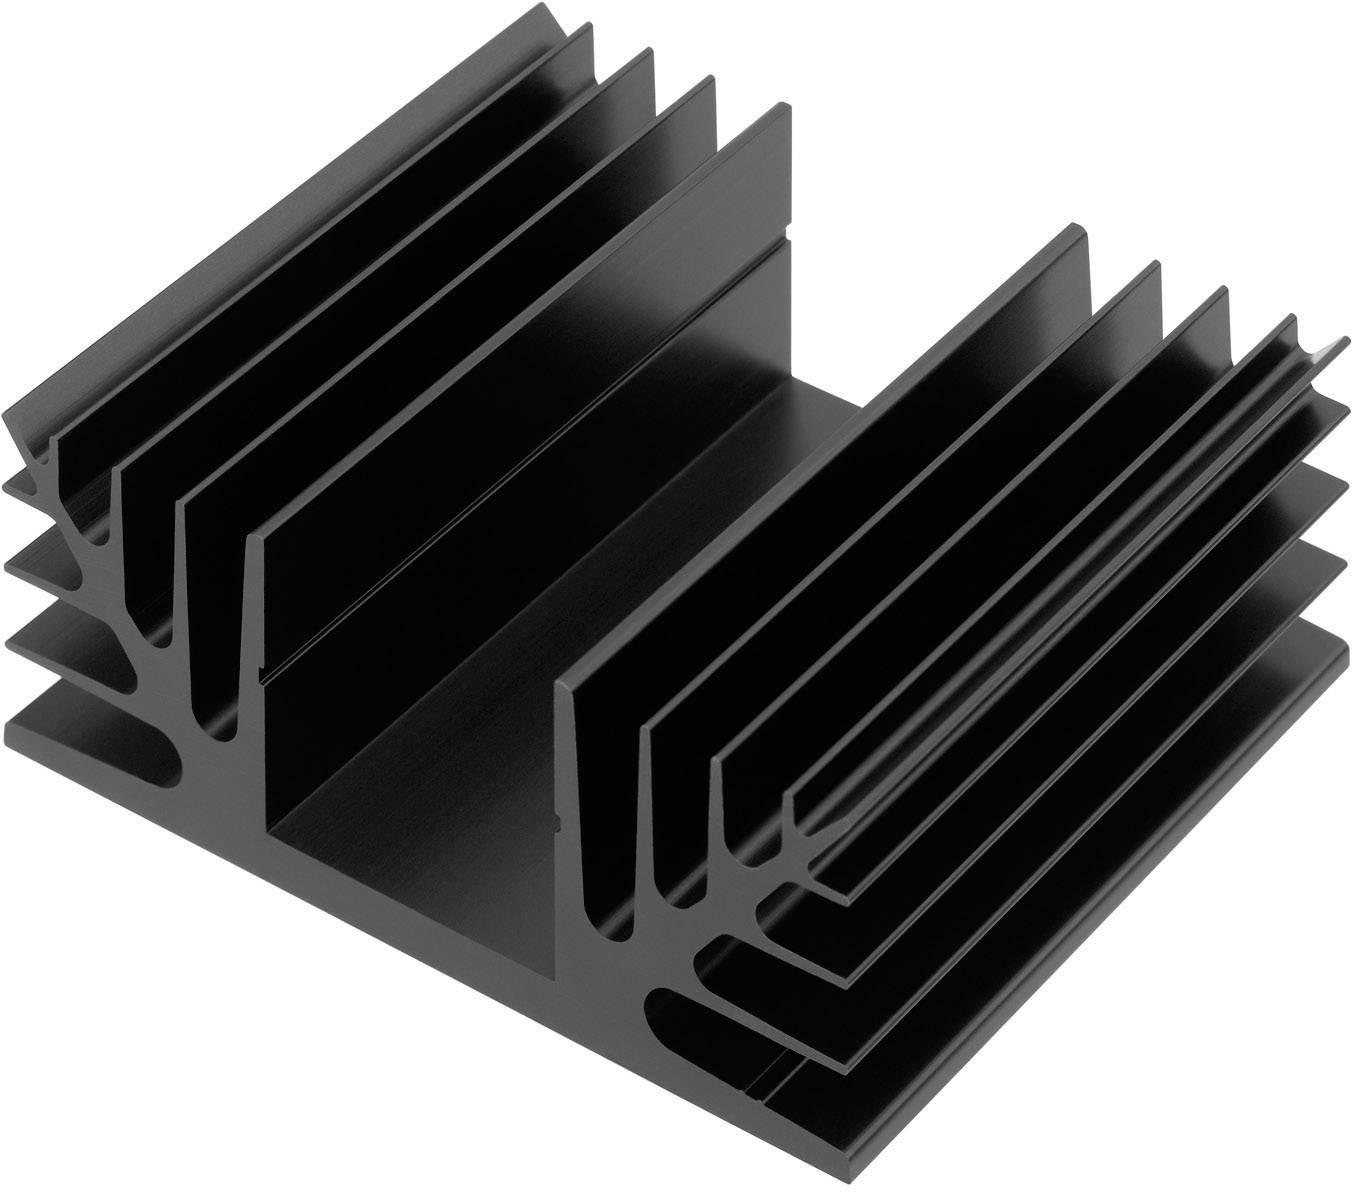 Chladič CTX Thermal Solutions CTX08/75 CTX08/75, 1.8 K/W, (d x š x v) 75 x 88 x 35 mm